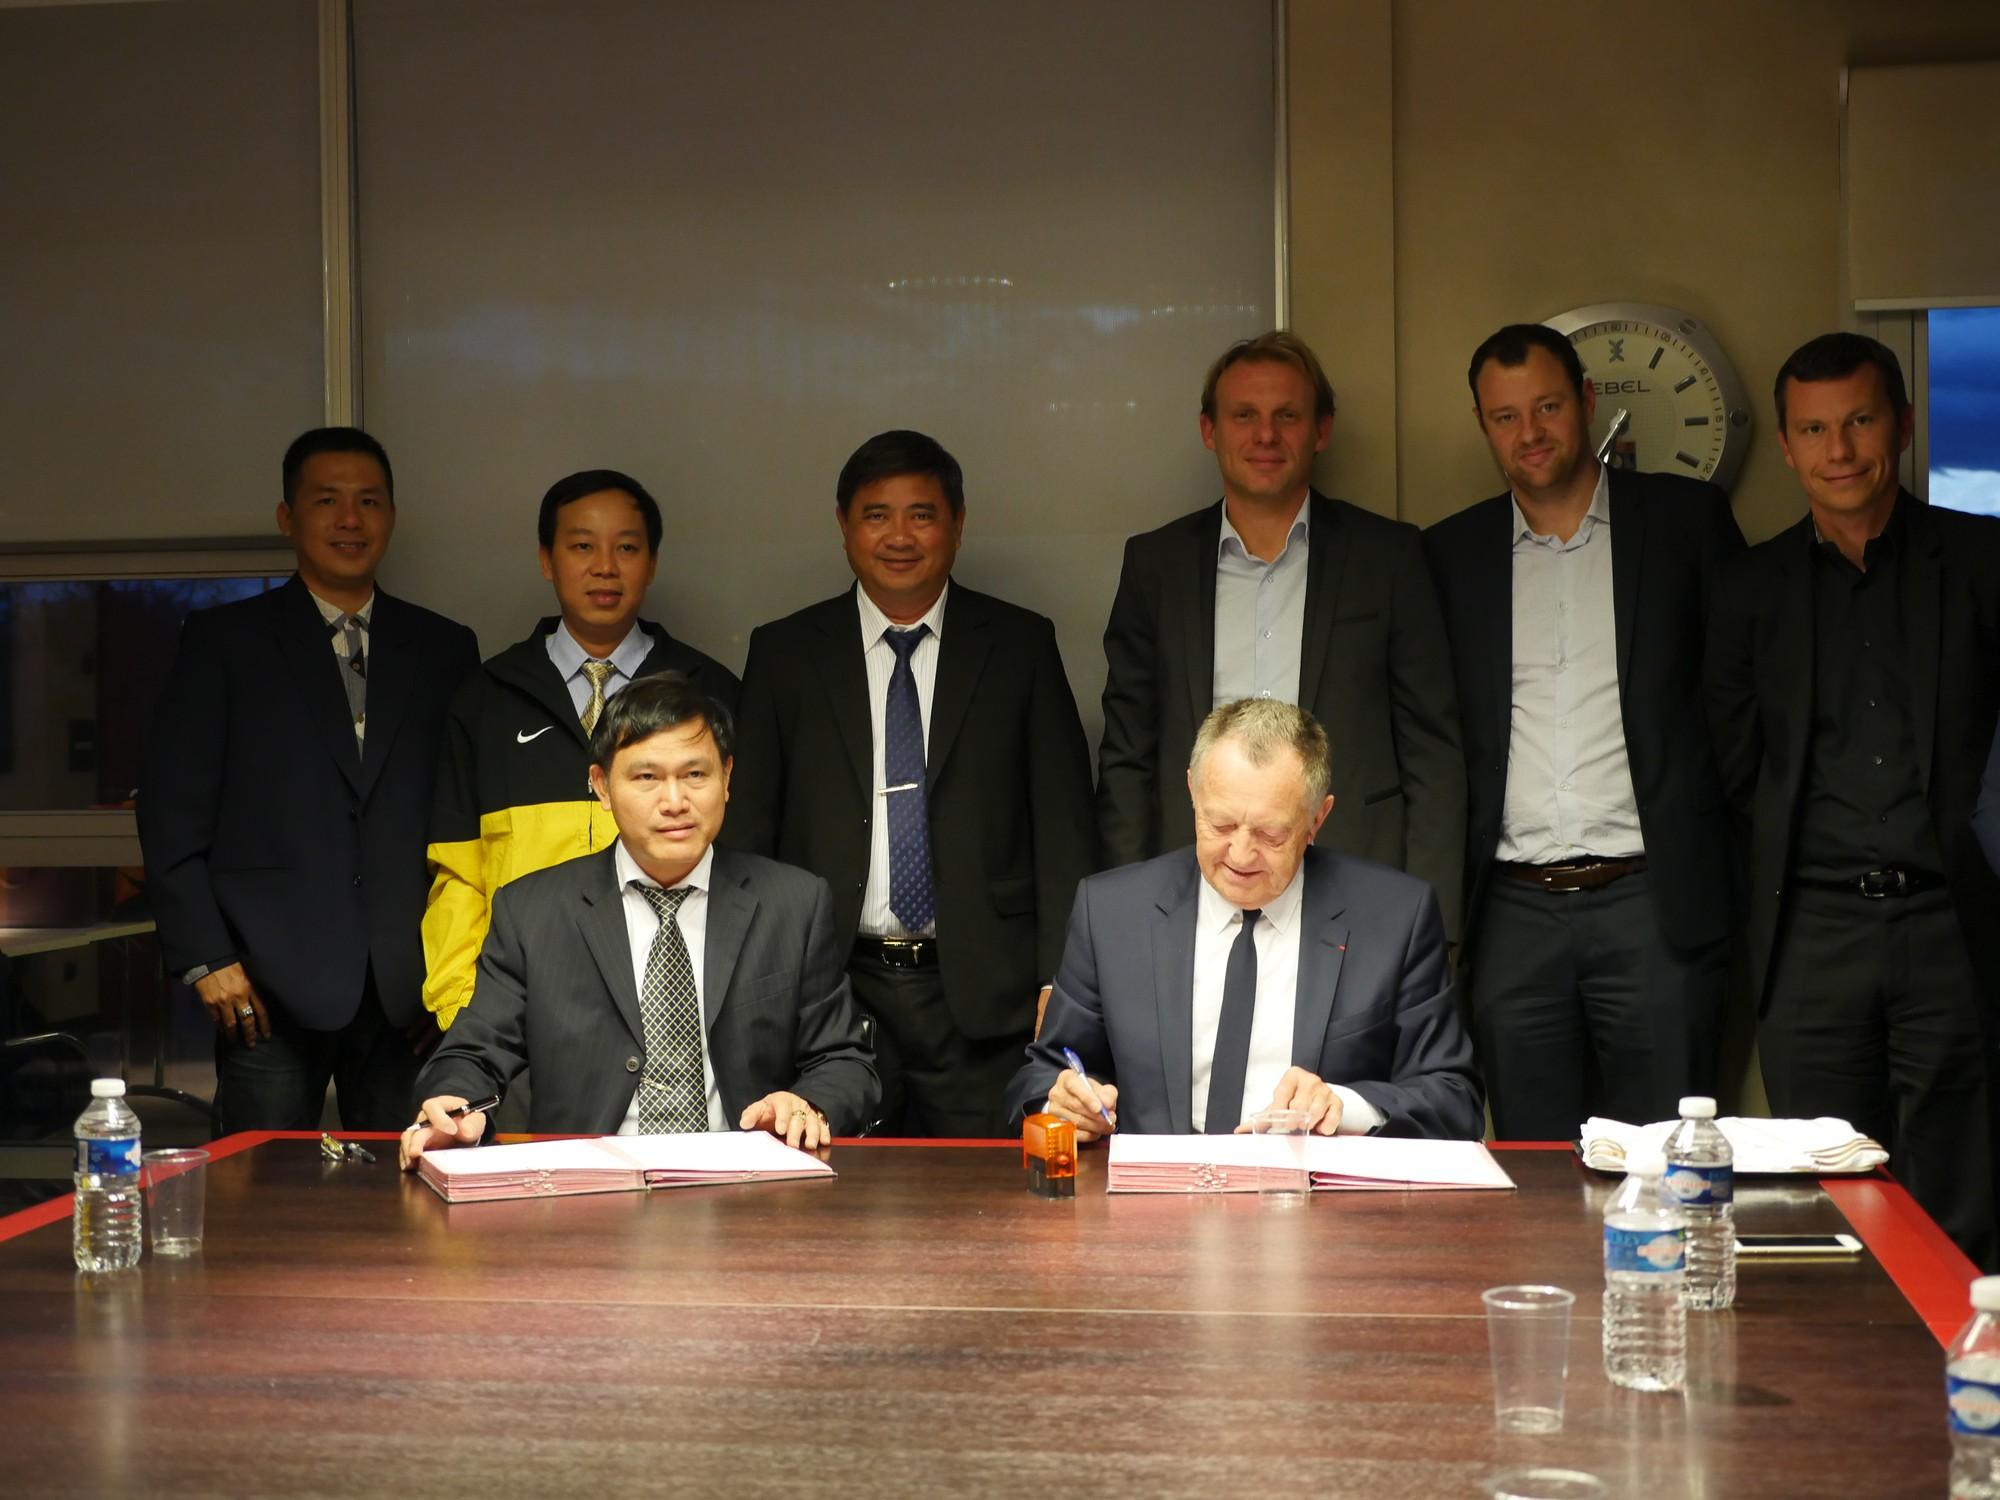 Lễ ký kết thỏa thuận hợp tác giữa Liên đoàn bóng đá TP.HCM (HFF) và CLB Lyon